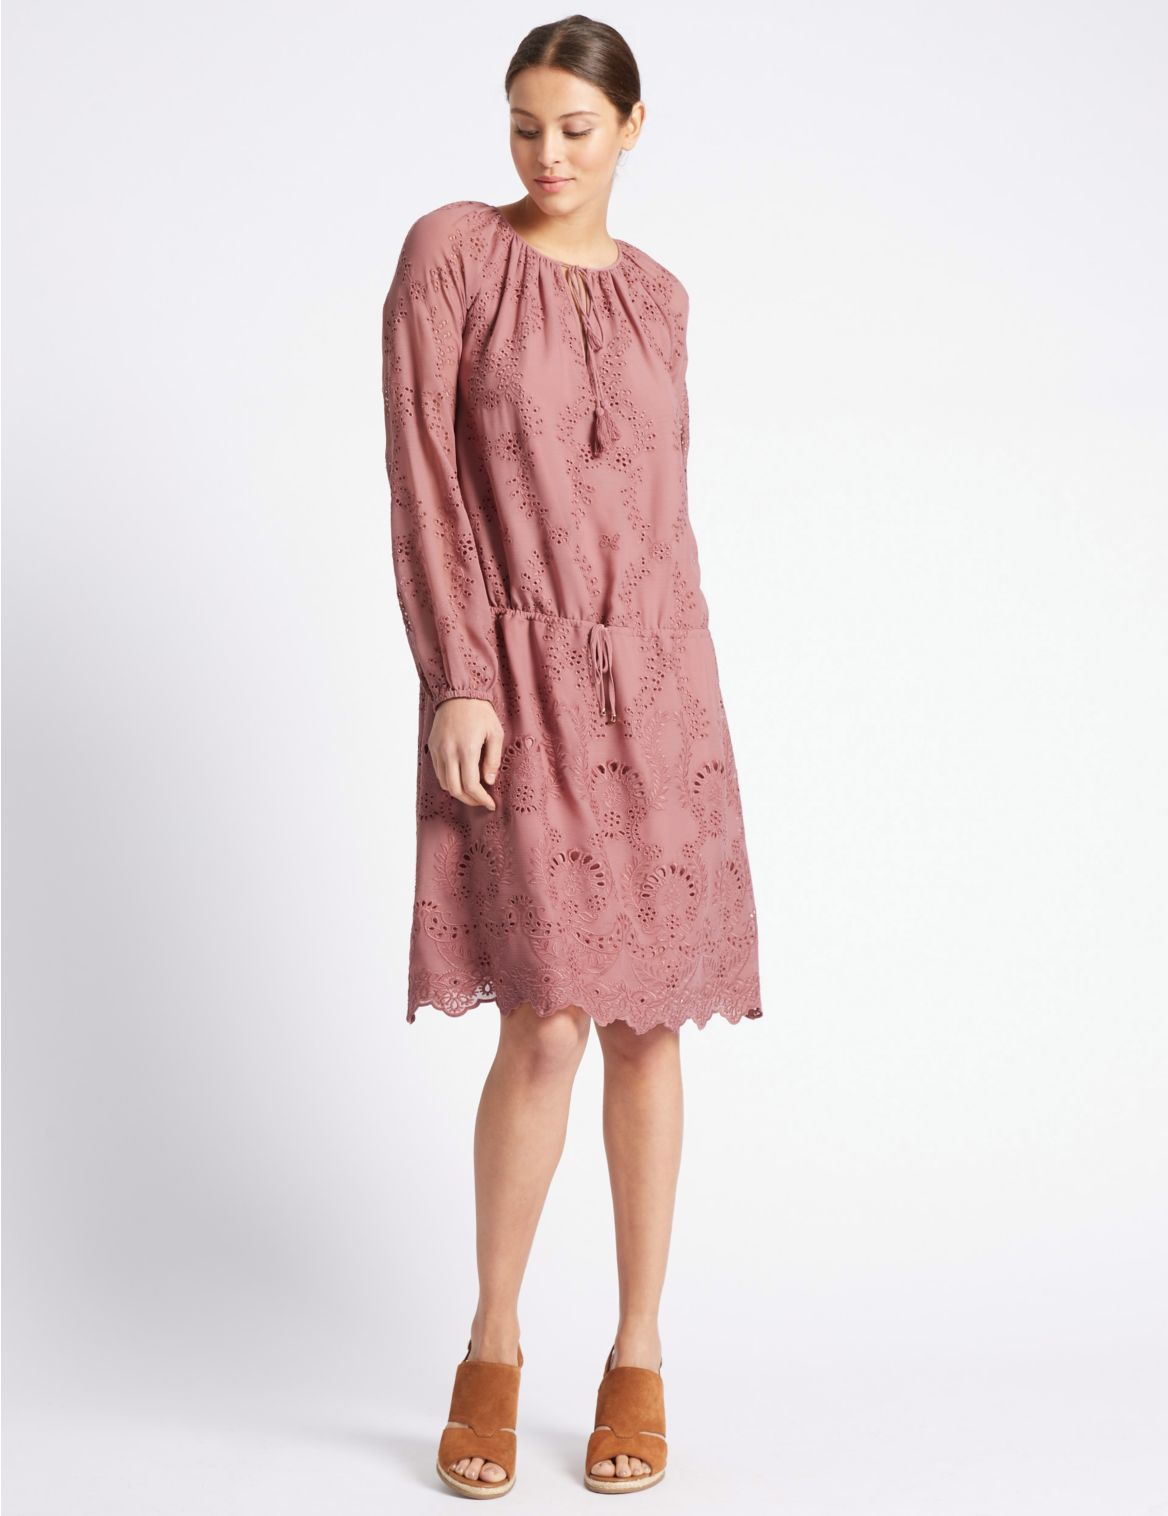 Rechte jurk met kant en lange